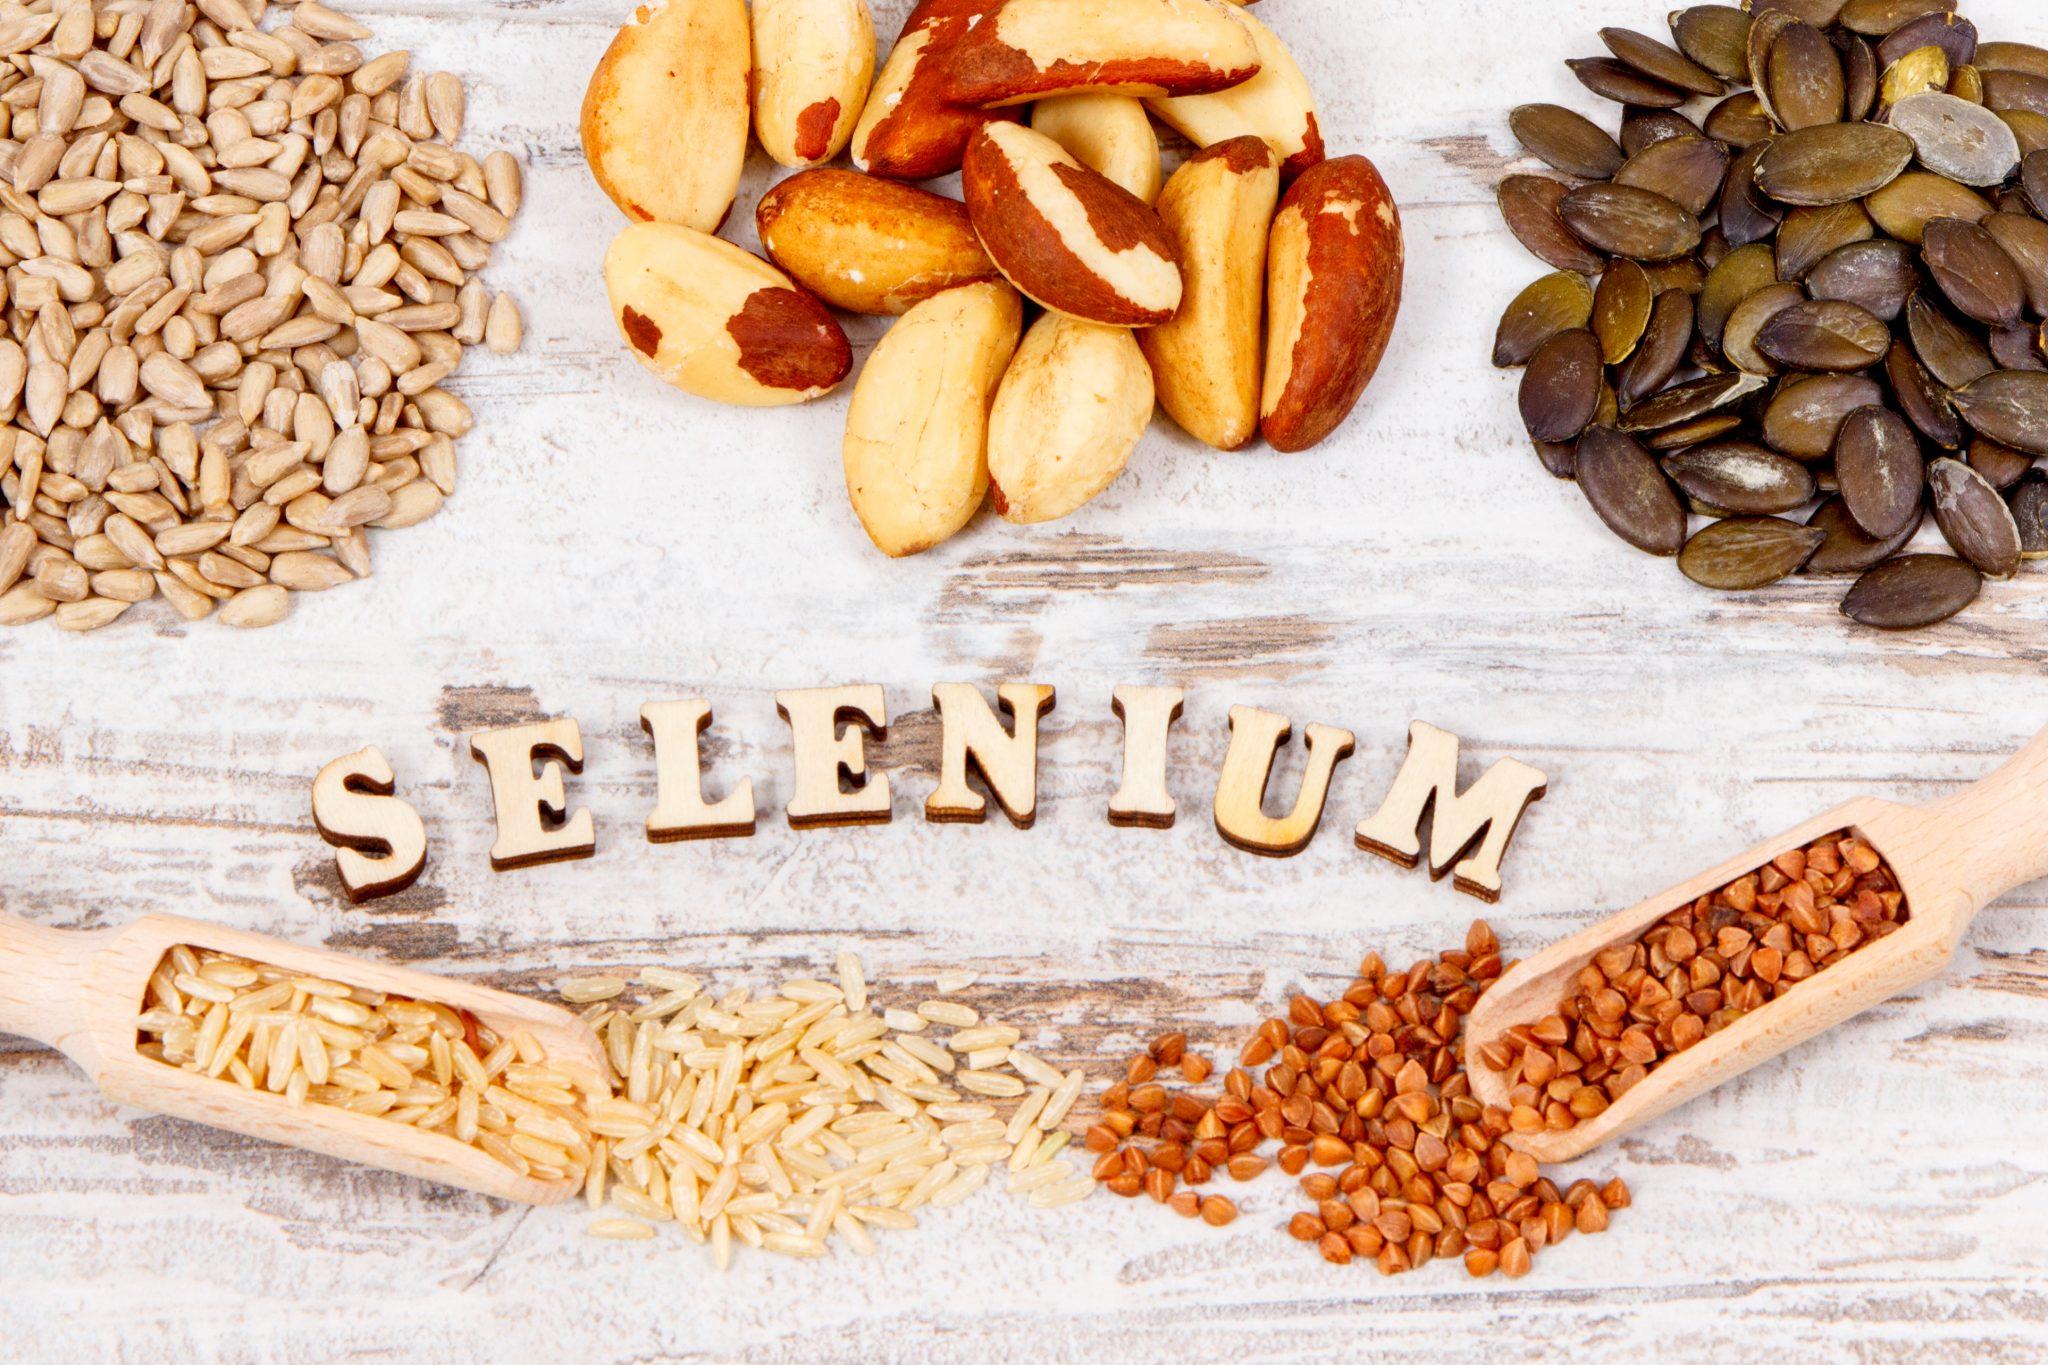 栄養成分セレンを多く含む食品一覧